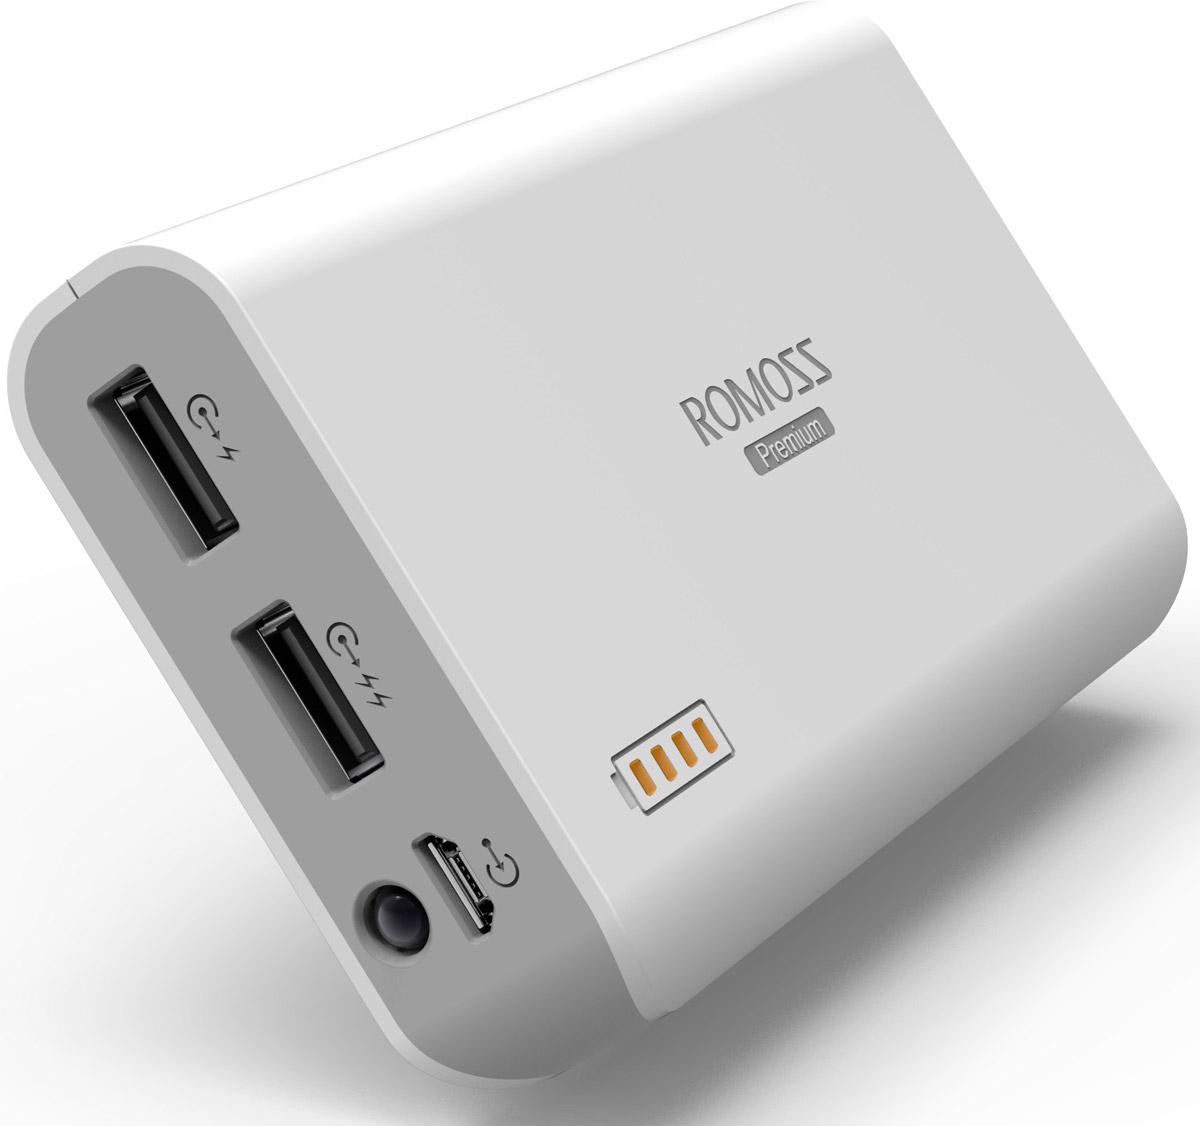 Romoss Sailing 3, White внешний аккумулятор00000008789Внешний аккумулятор Romoss Sailing 3 отличается большой емкостью и быстрым временем зарядки. Эта батарея станет незаменимым помощником в случае, когда нет розетки под рукой. Наличие двух USB выходов позволит заряжать два цифровых устройства одновременно. Данная модель содержит в себе авторизованные компанией Samsung аккумуляторные ячейки высокой емкости. Зарядка начинается сразу же после подключения устройства к аккумулятору, и может продолжаться даже если сам аккумулятор поставить на зарядку. Ударопрочный корпус, сделанный из ABS-пластика Светодиодный фонарик